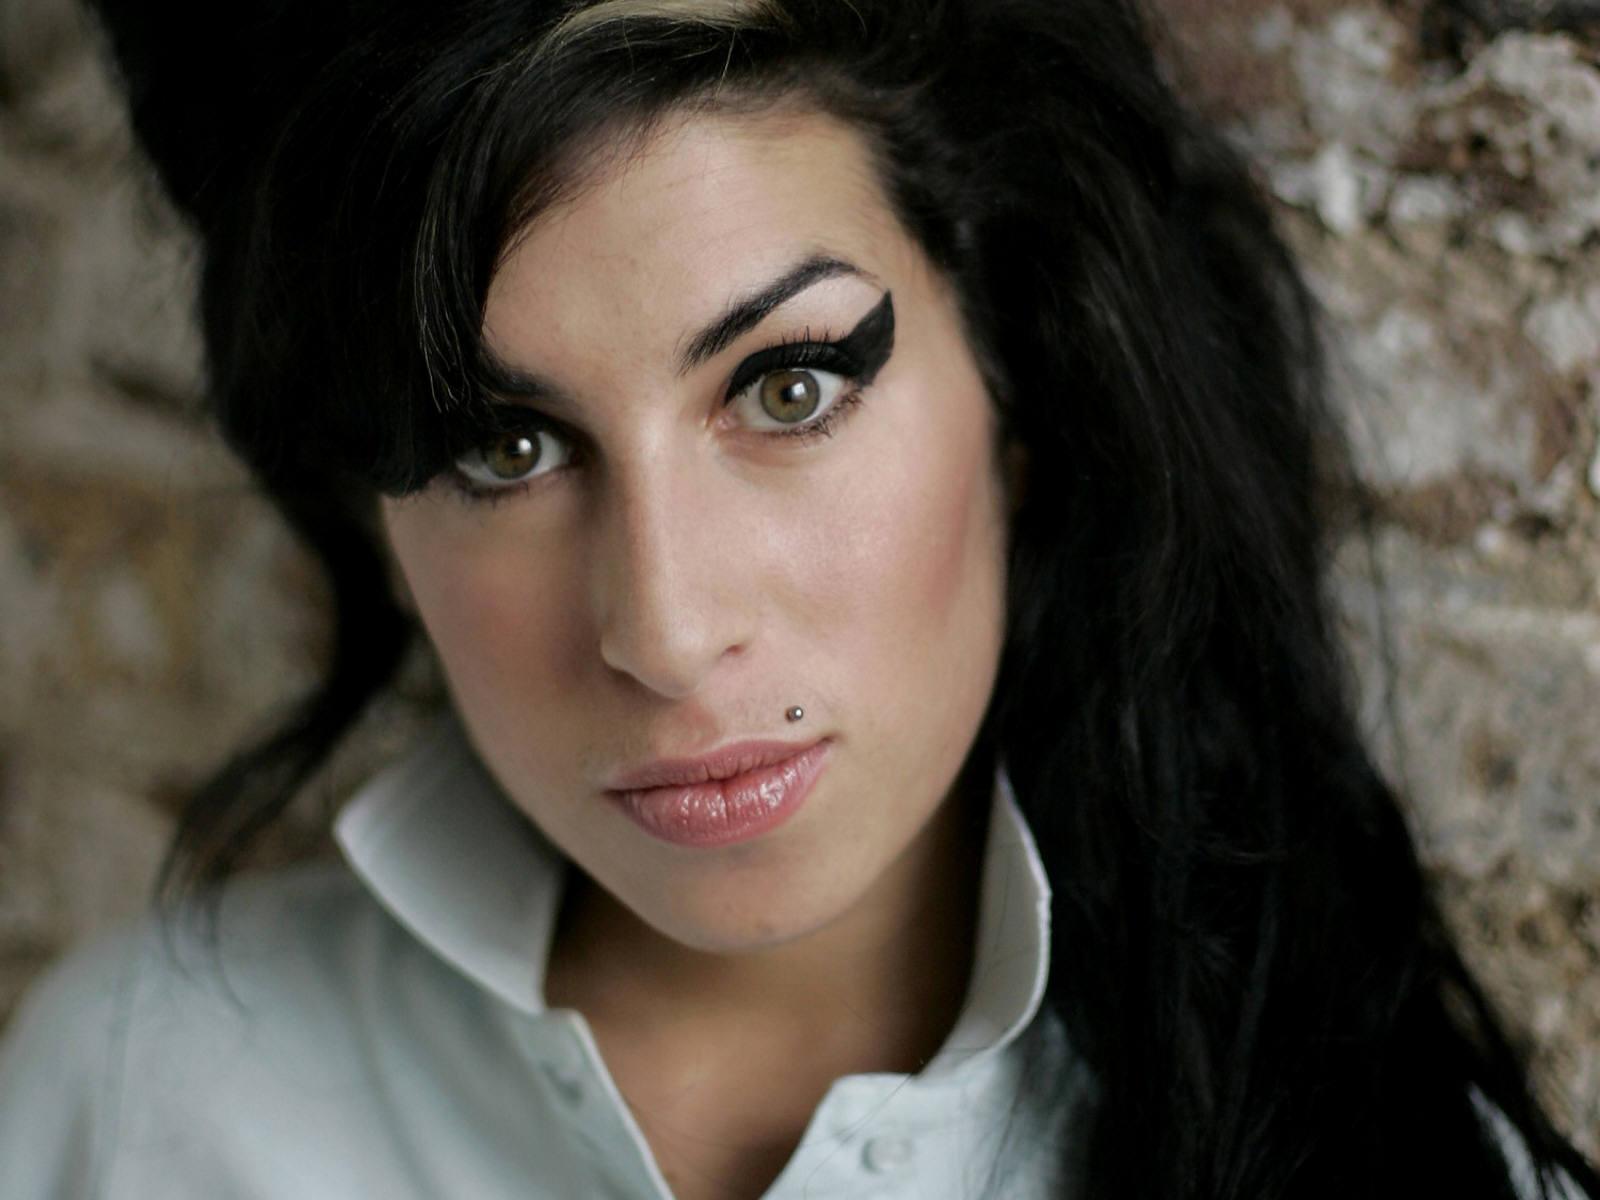 http://1.bp.blogspot.com/-HdR0OEC8dKw/Tisy2gL0AmI/AAAAAAAAAJ0/YrtSS9x-izI/s1600/Amy_Winehouse_0001_1600X1200_Wallpaper.jpg